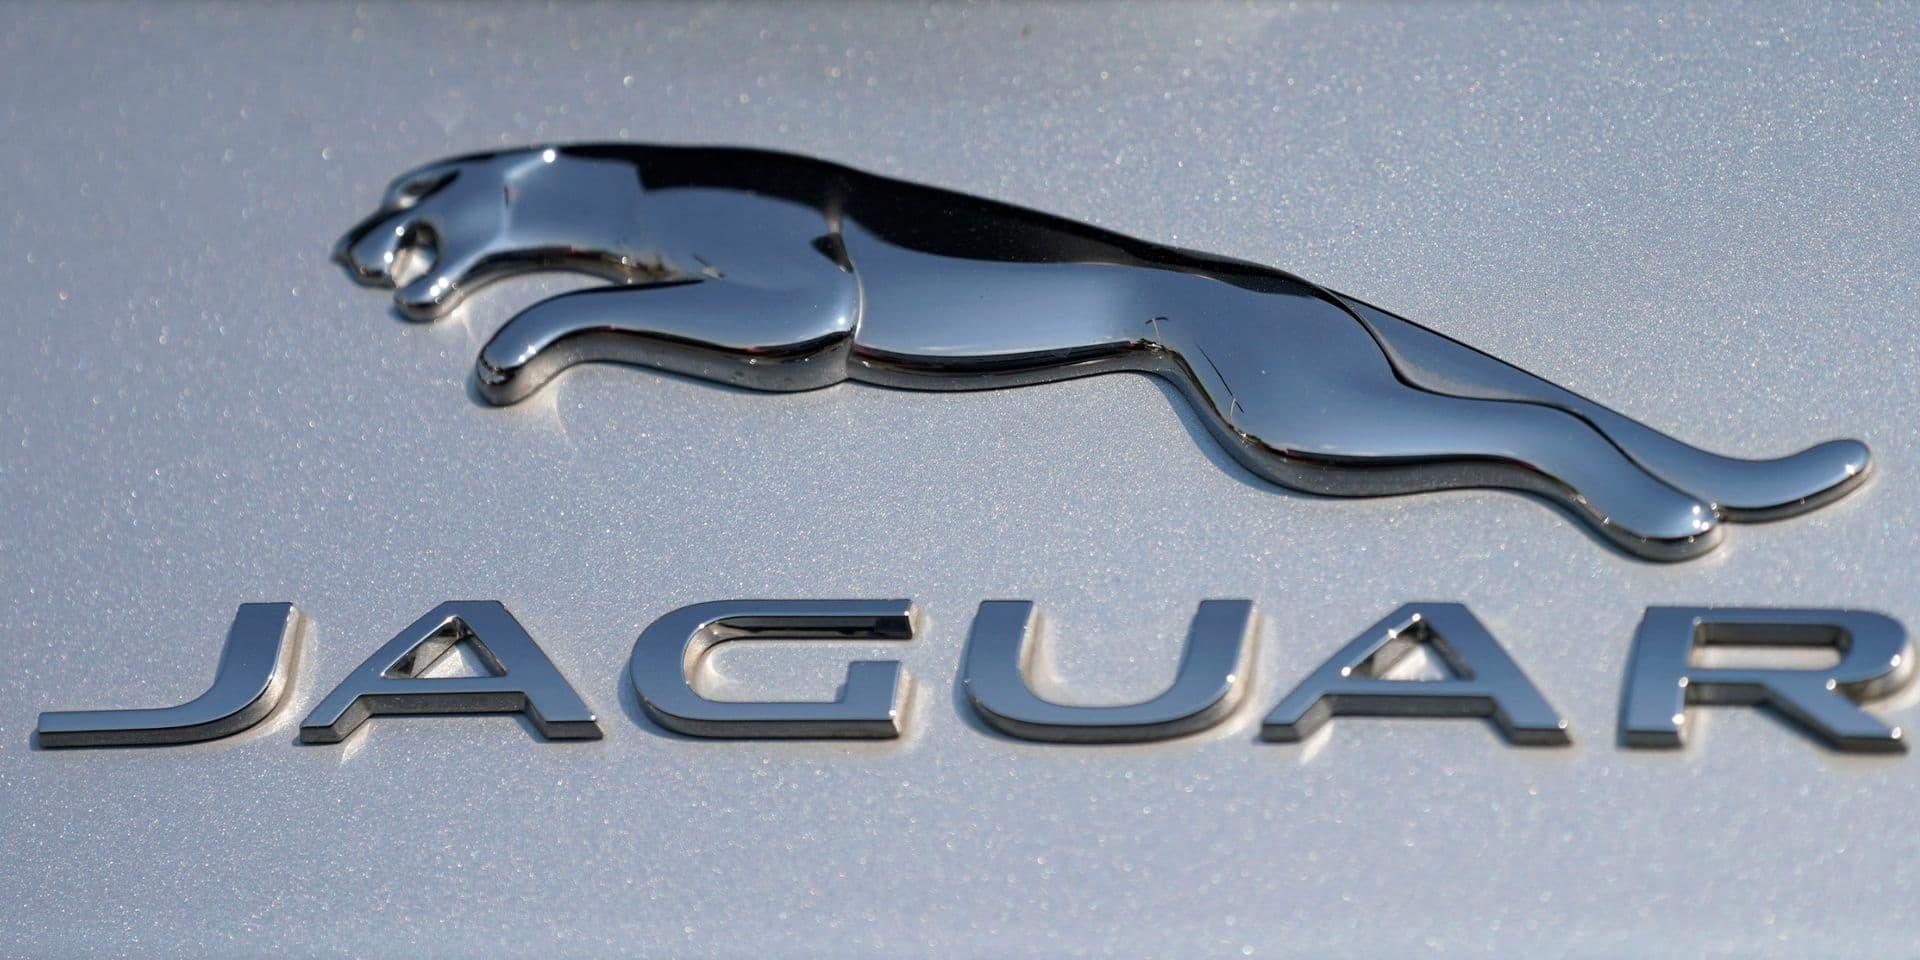 Jaguar Land Rover va supprimer 2.000 emplois dans le monde